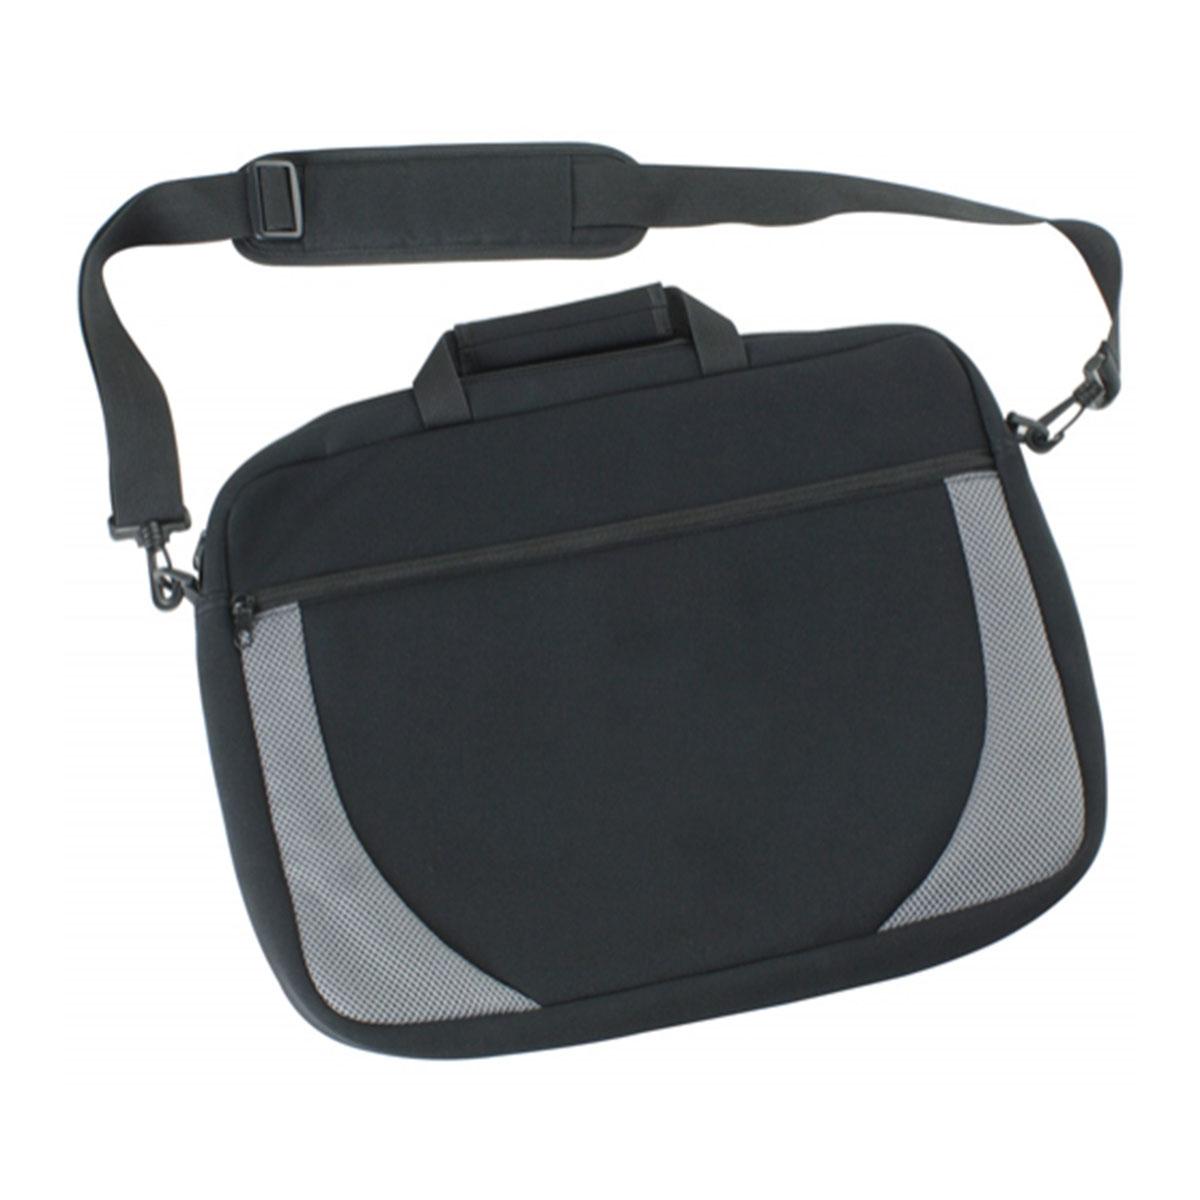 Hudson Shoulder Bag-Black / Silver